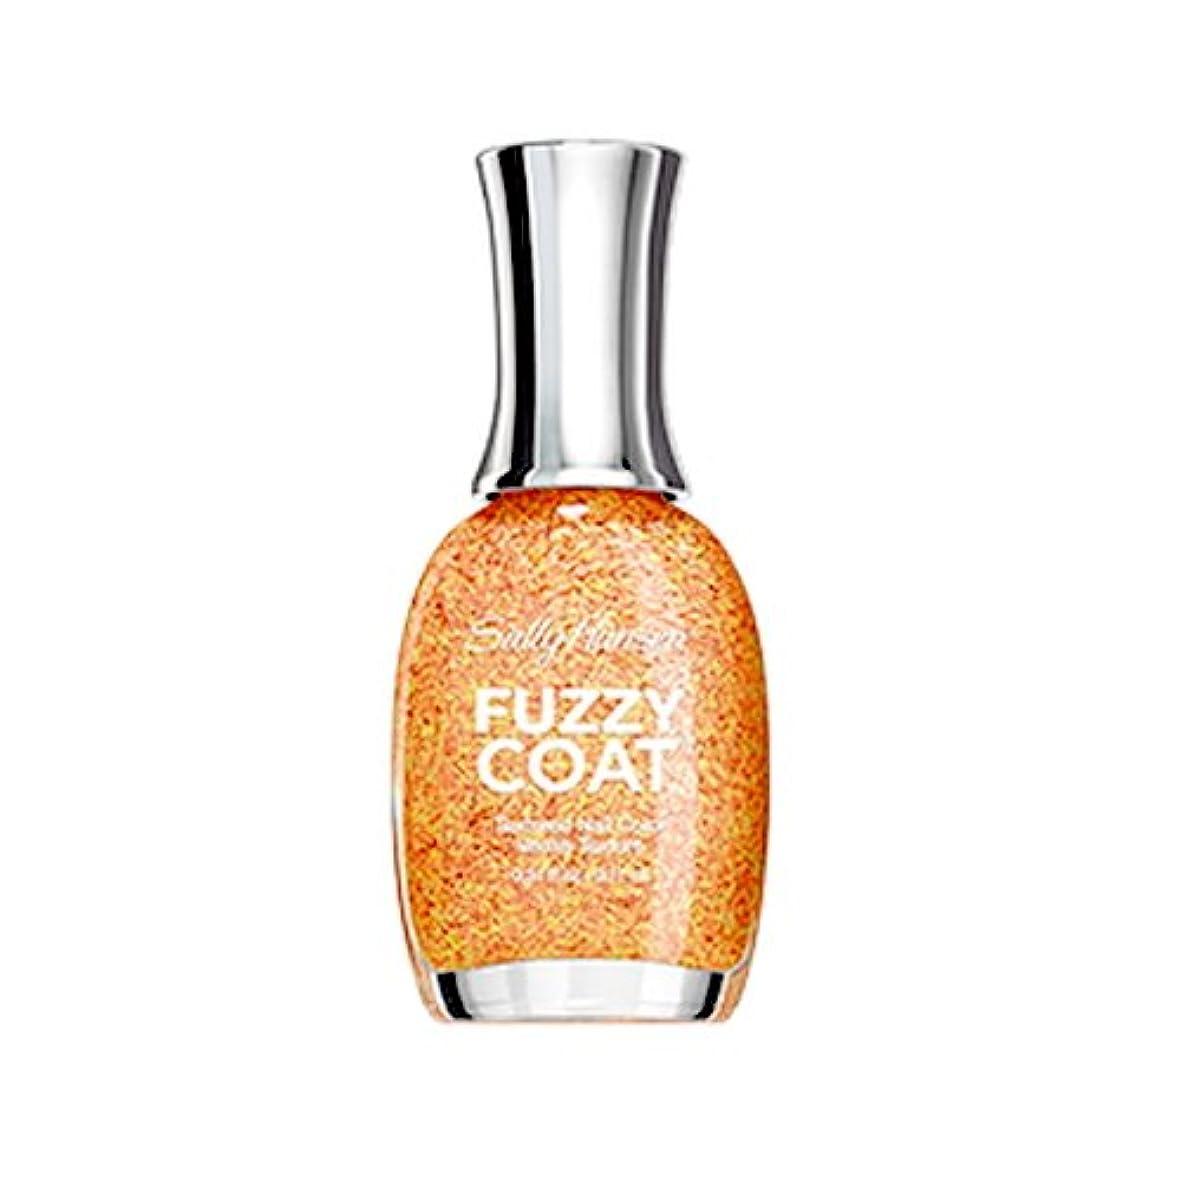 相互接続しないでくださいよろめく(3 Pack) SALLY HANSEN Fuzzy Coat Special Effect Textured Nail Color - Peach Fuzz (並行輸入品)